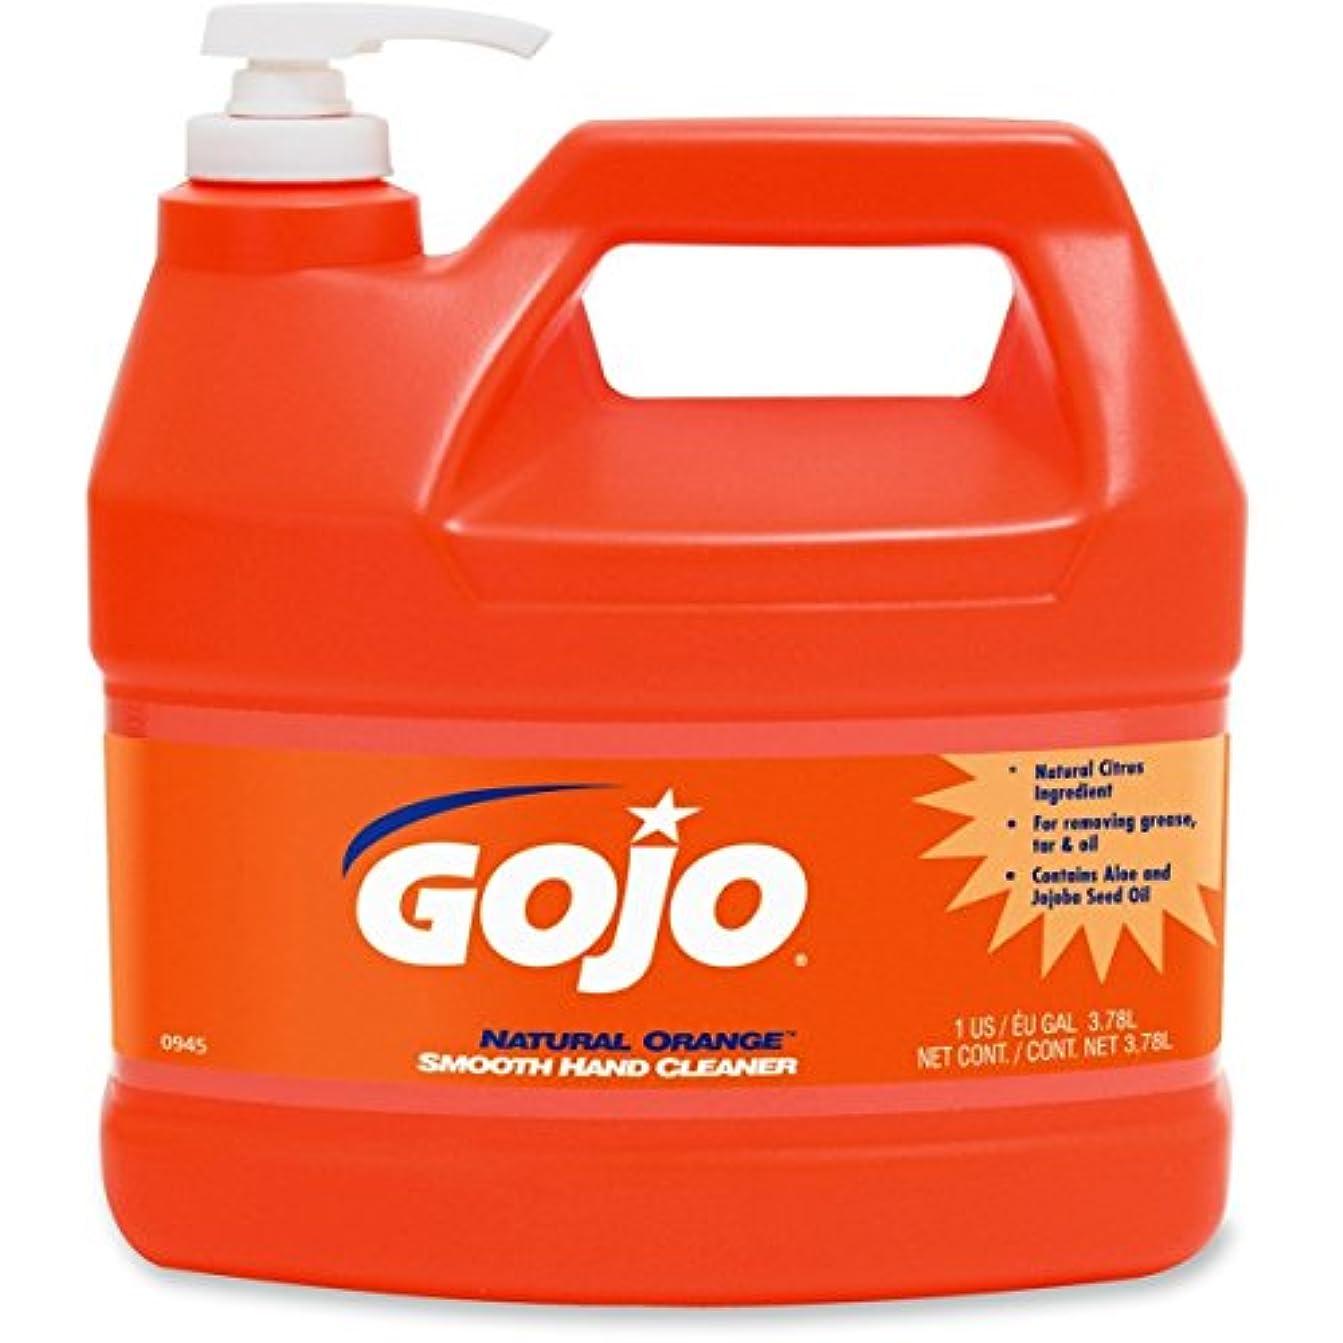 ファイナンス信号引き出すgoj094504 – GOJOナチュラルオレンジSmooth heavy-duty Hand Cleaner